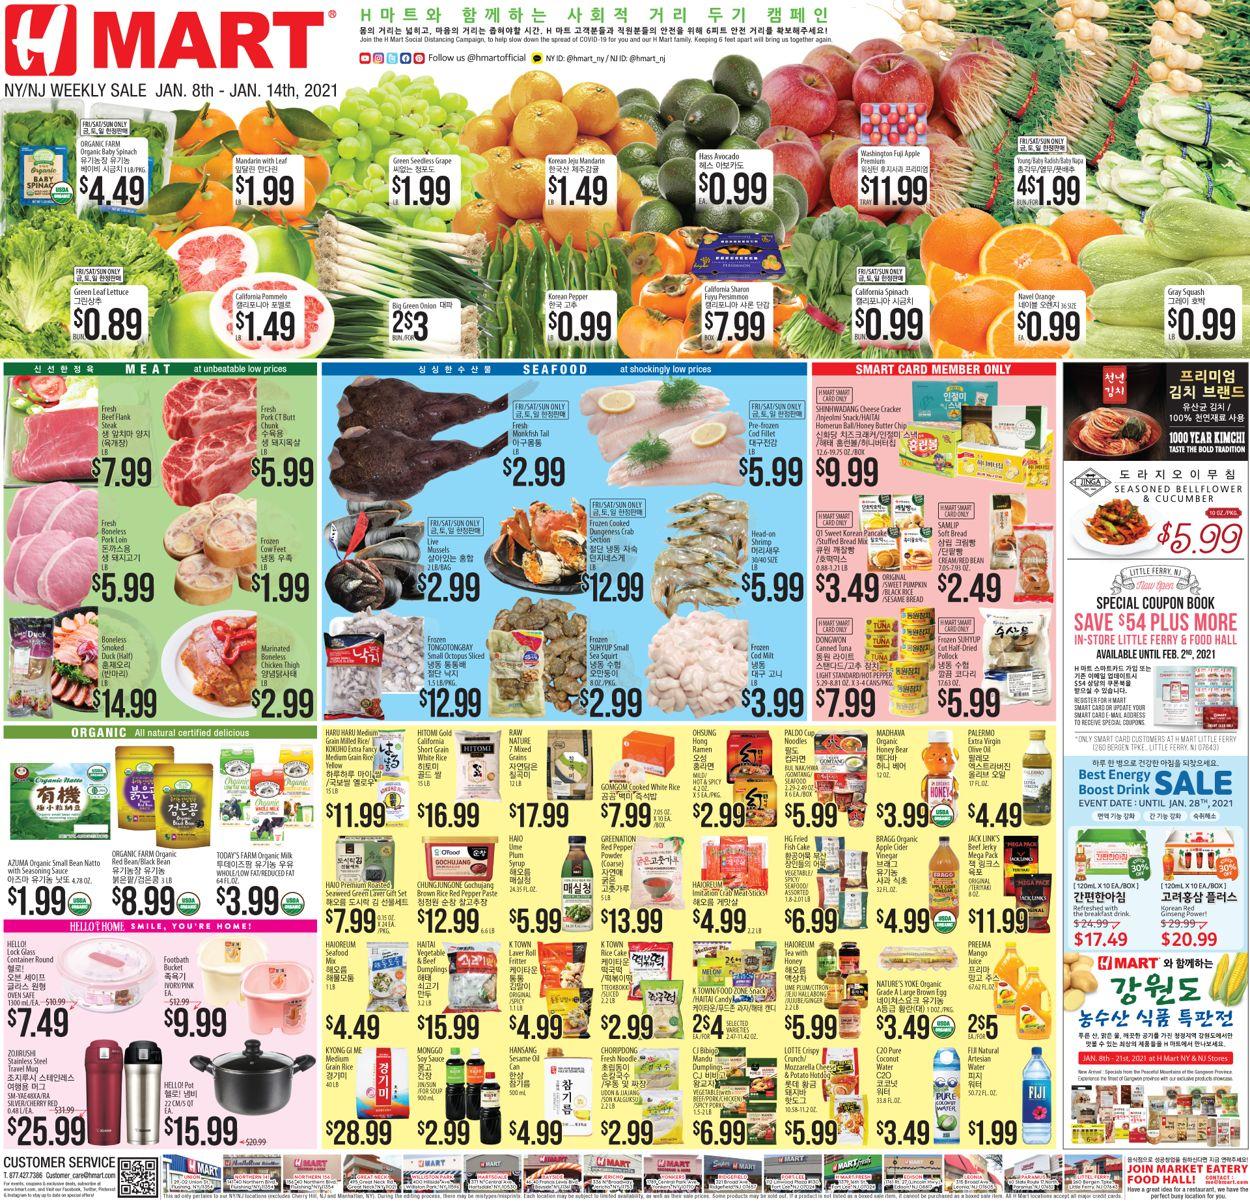 H Mart Weekly Ad Circular - valid 01/08-01/14/2021